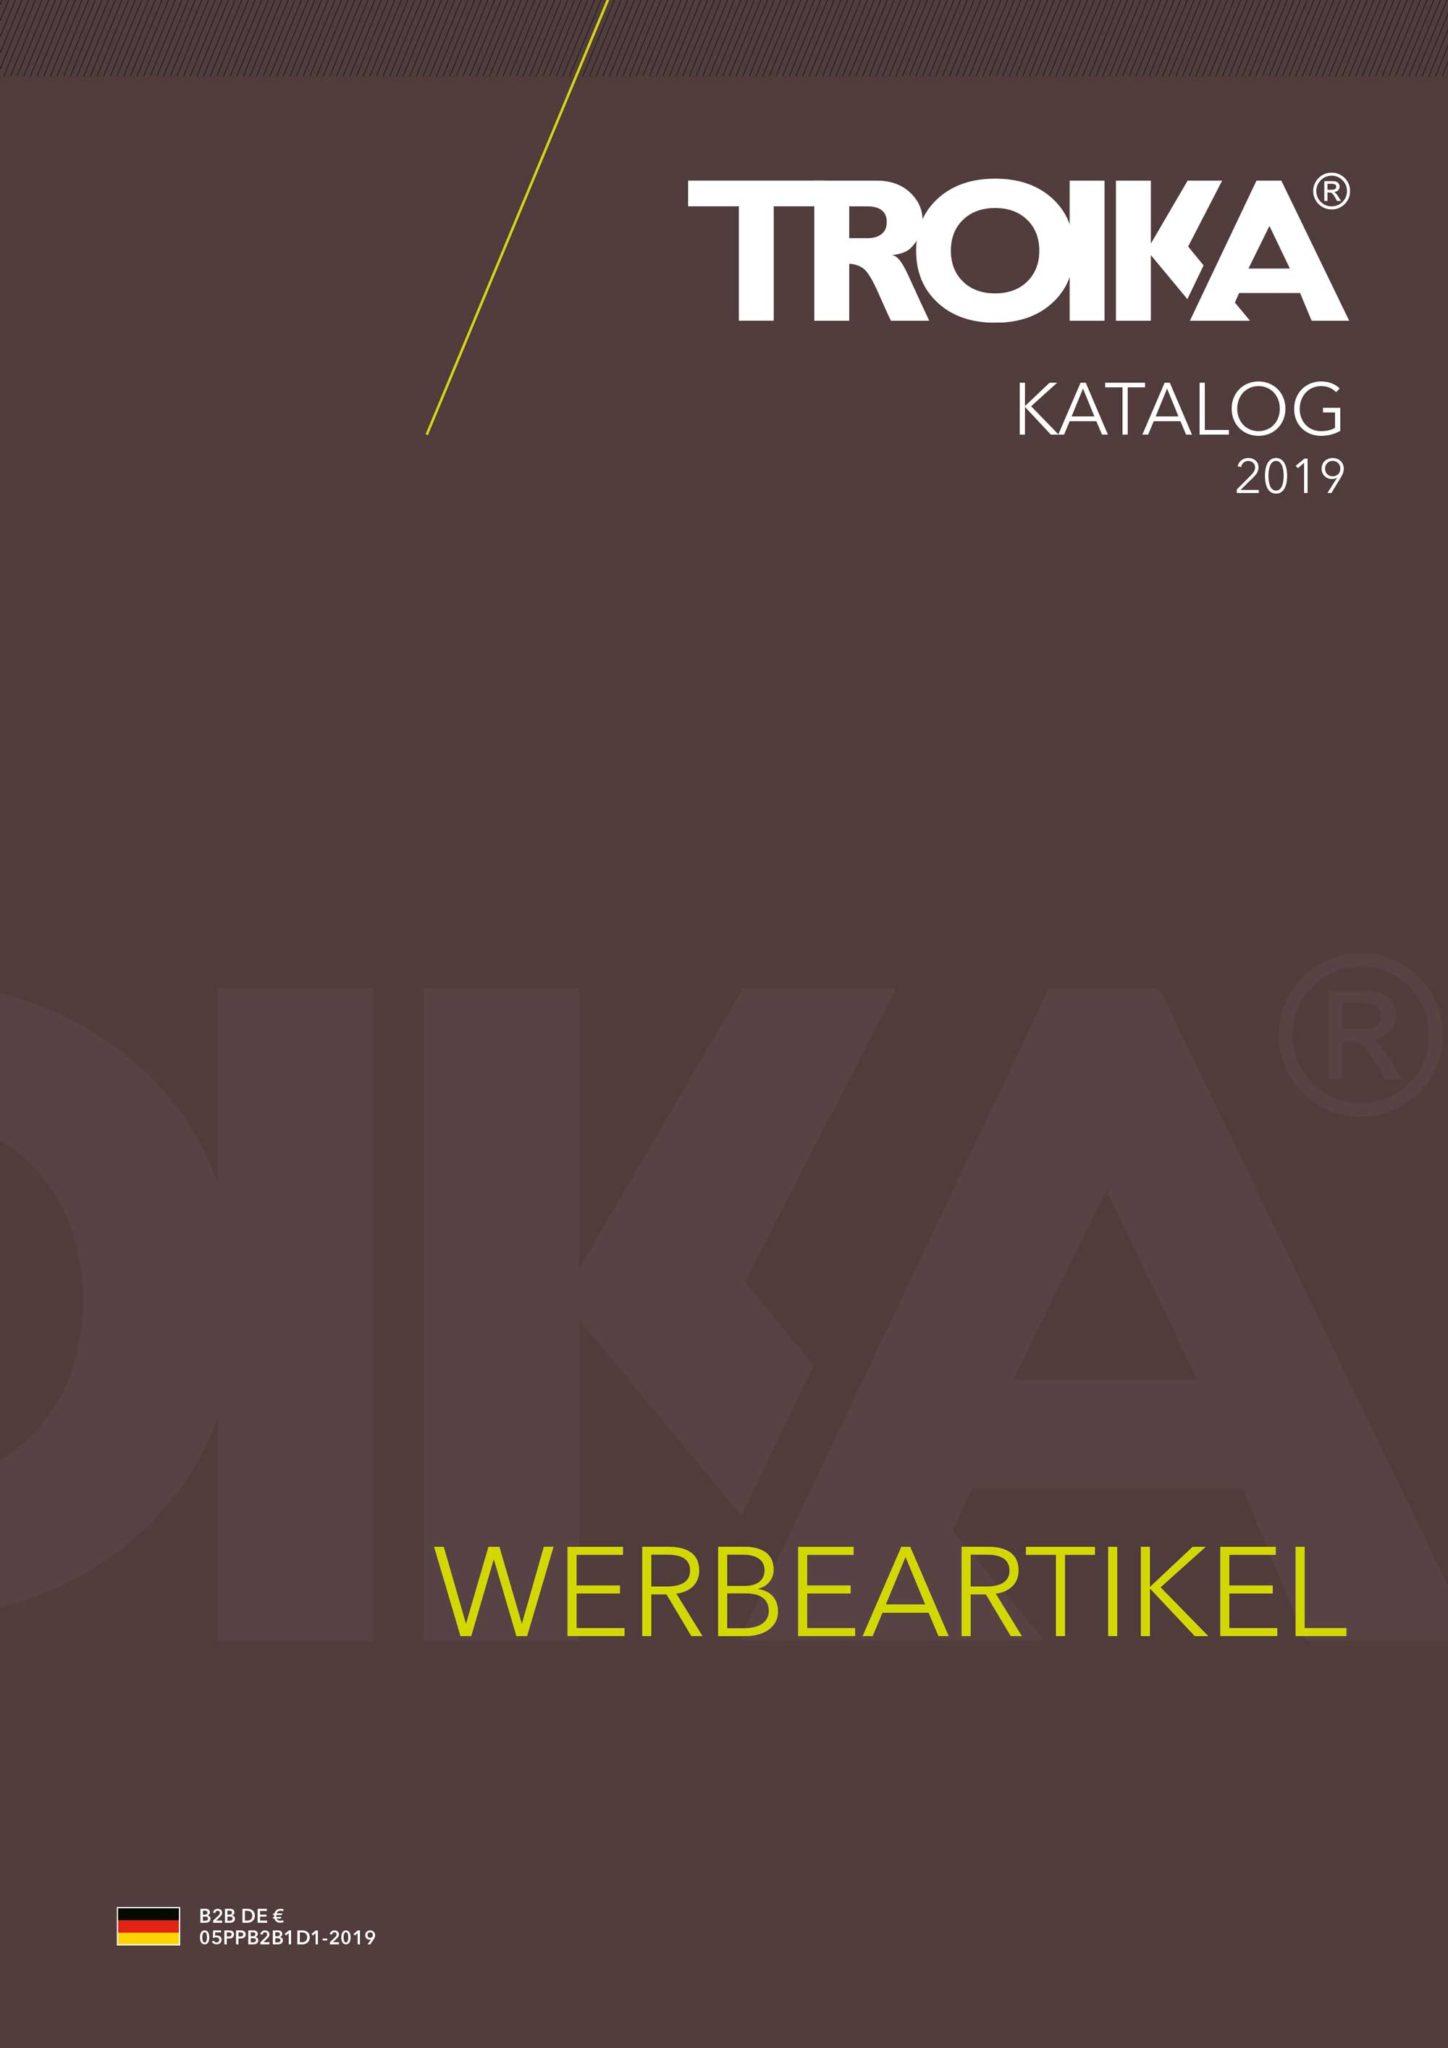 Katalog Troika